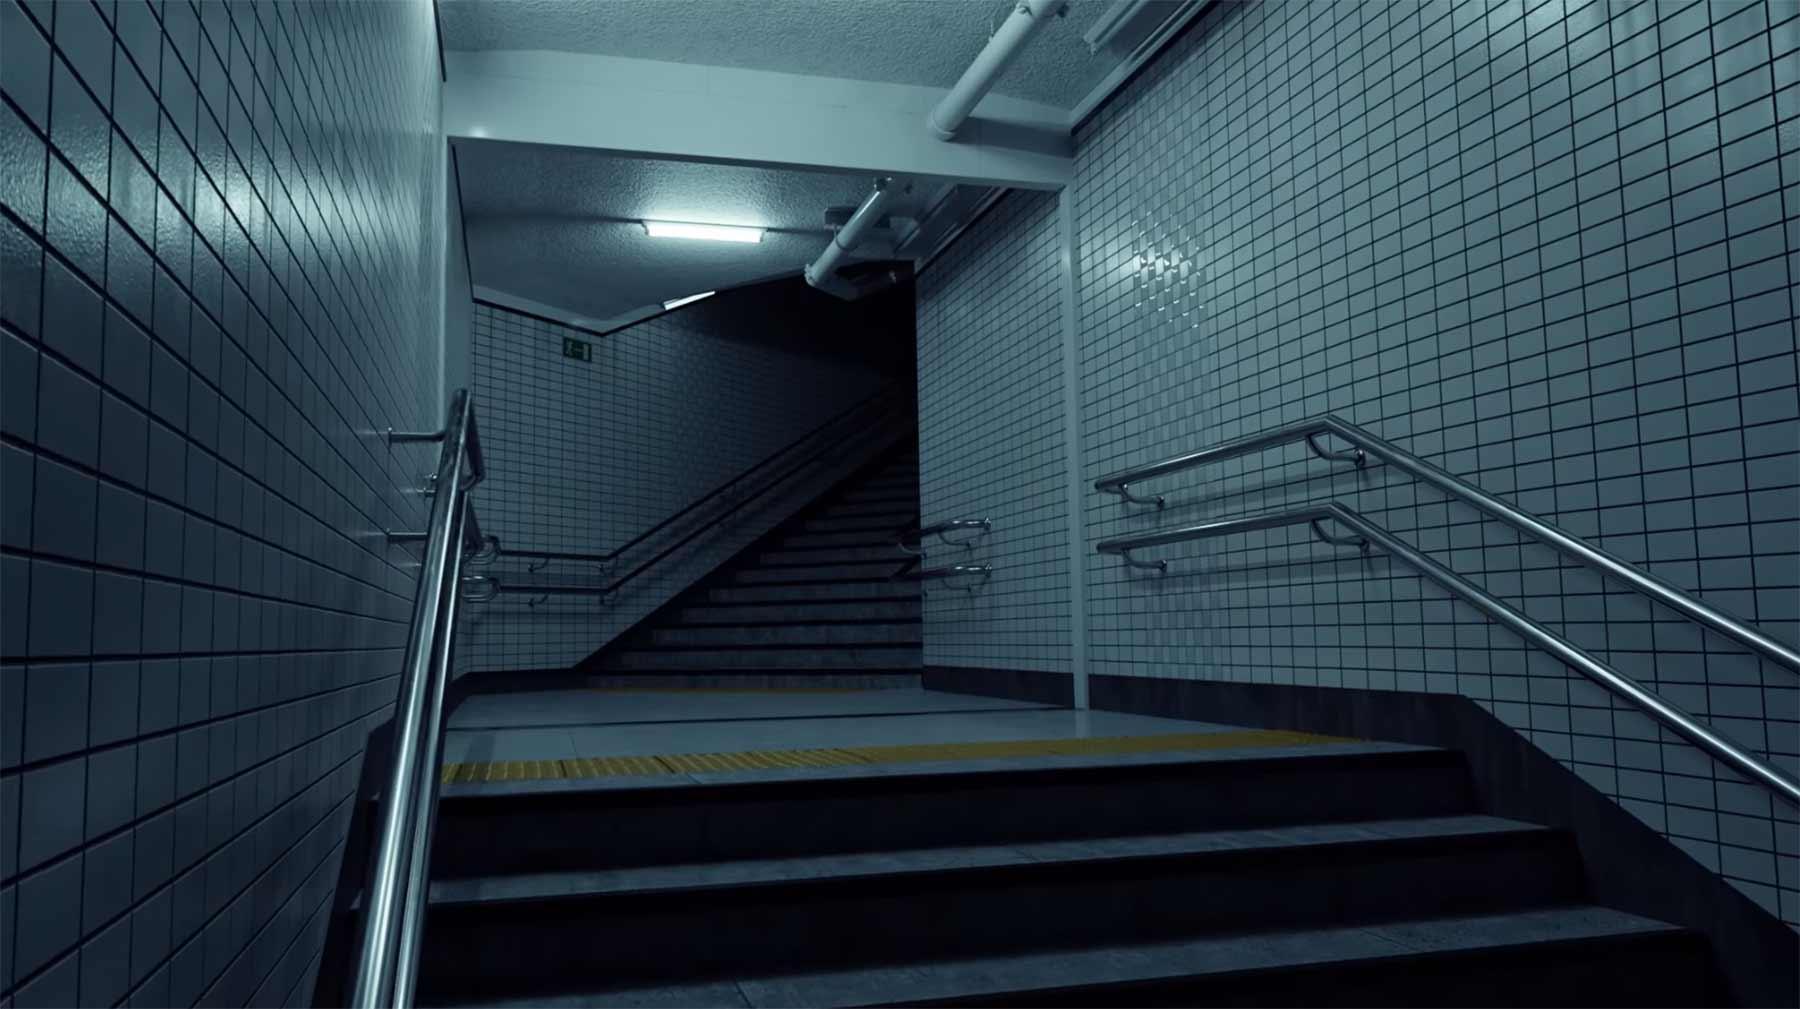 Einen U-Bahn-Aufgang in 3D nachbauen